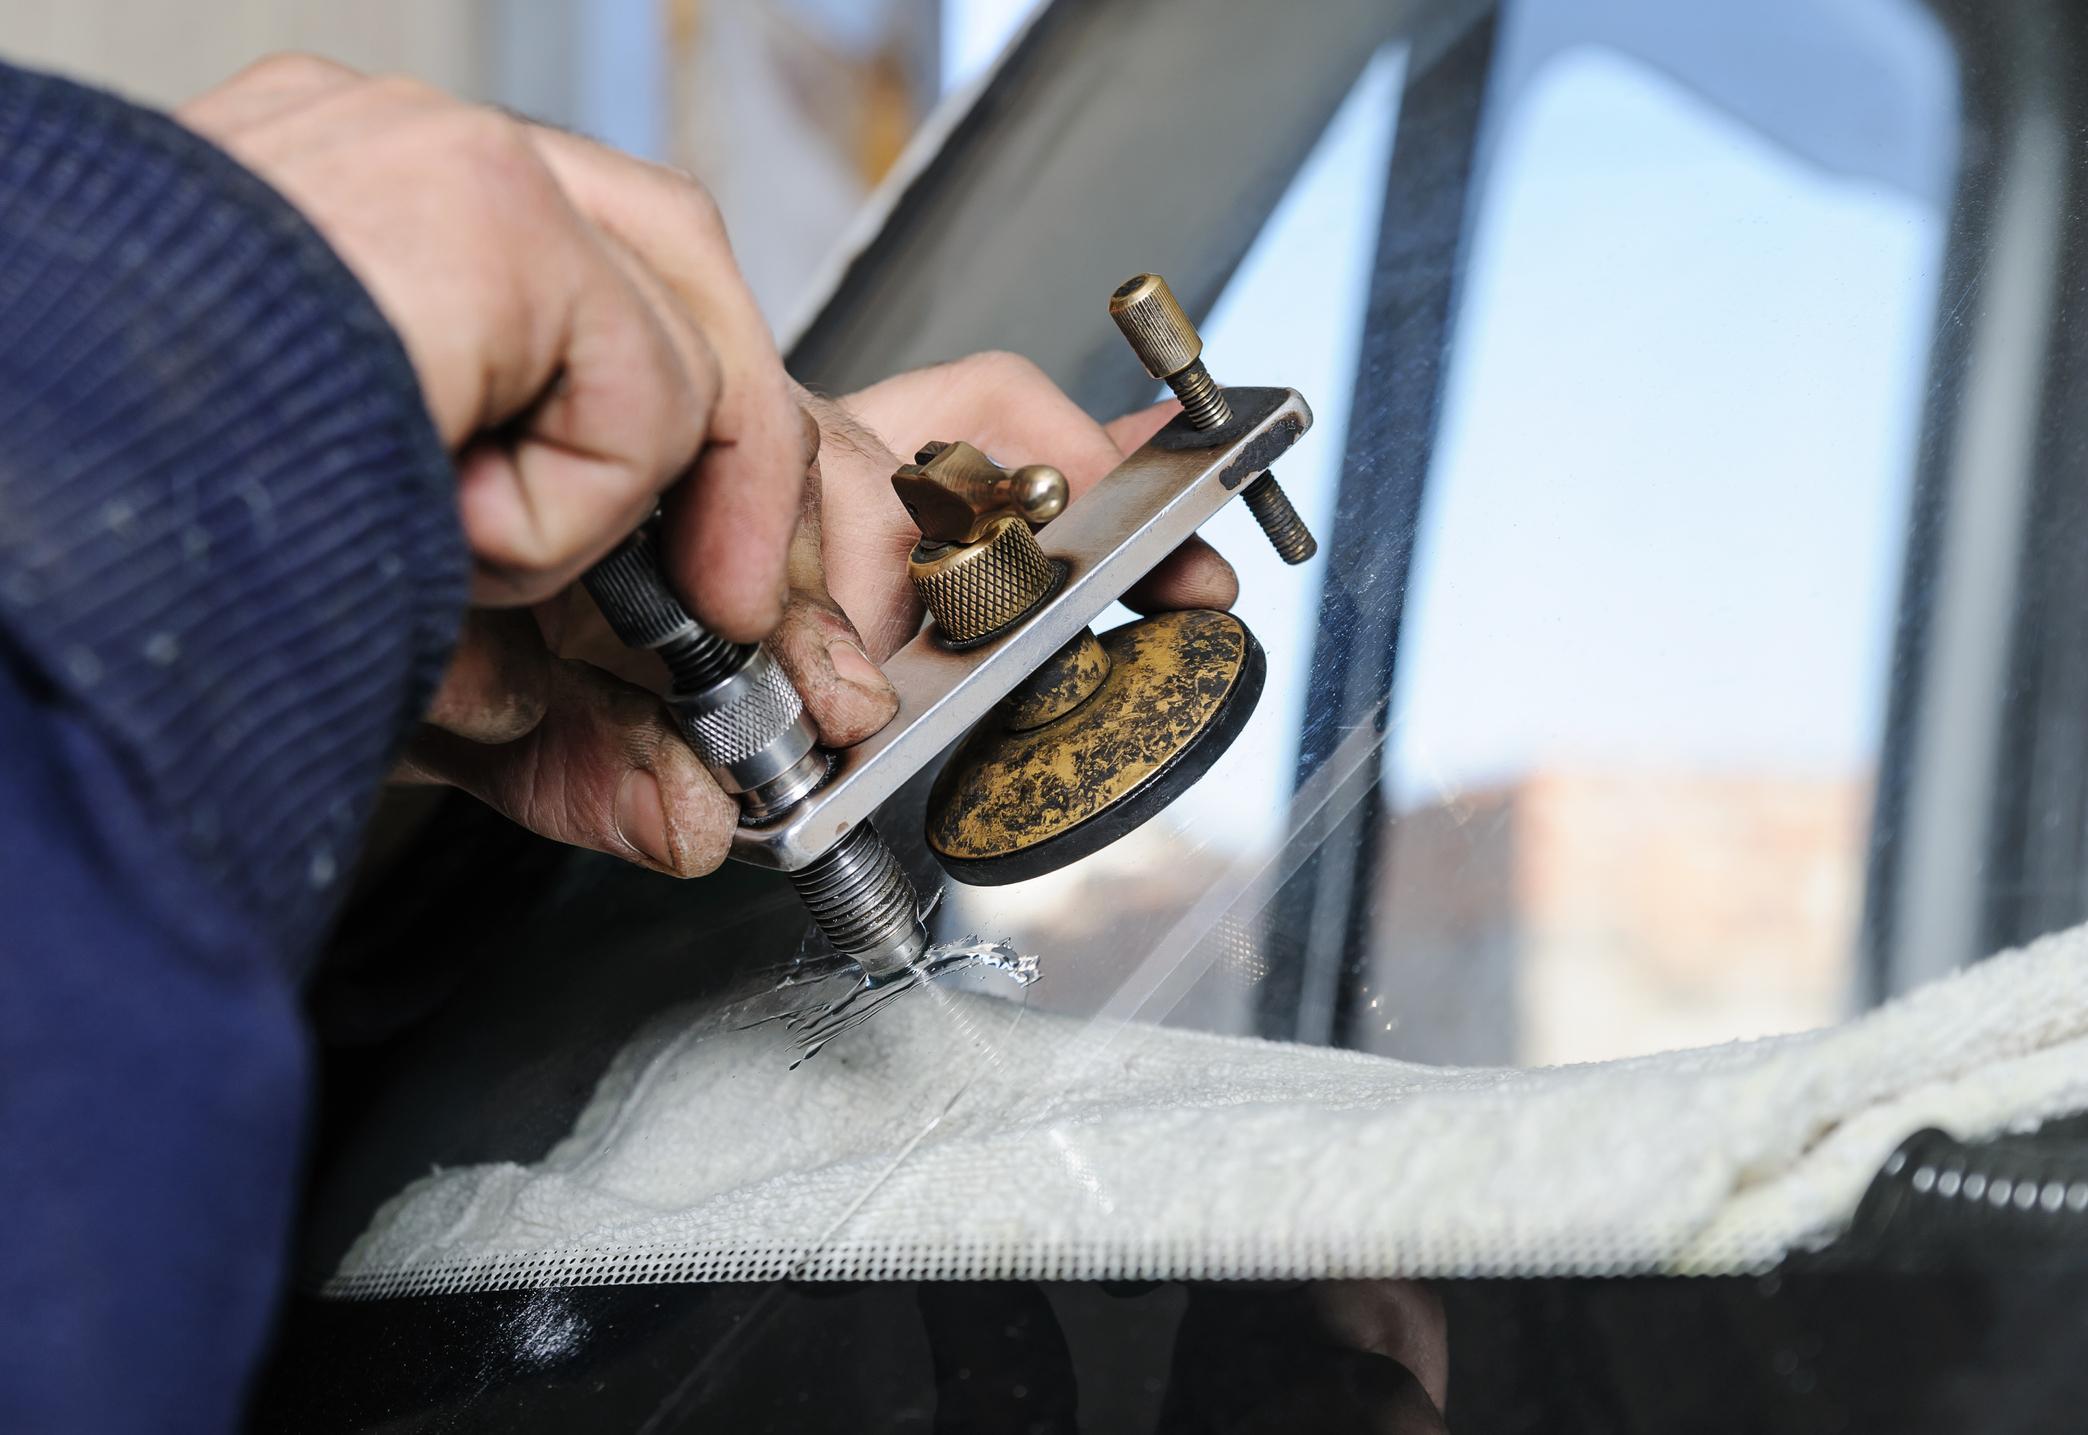 Repair cracked windshield. Fitter is using Windshield Repair Crack Bridge.